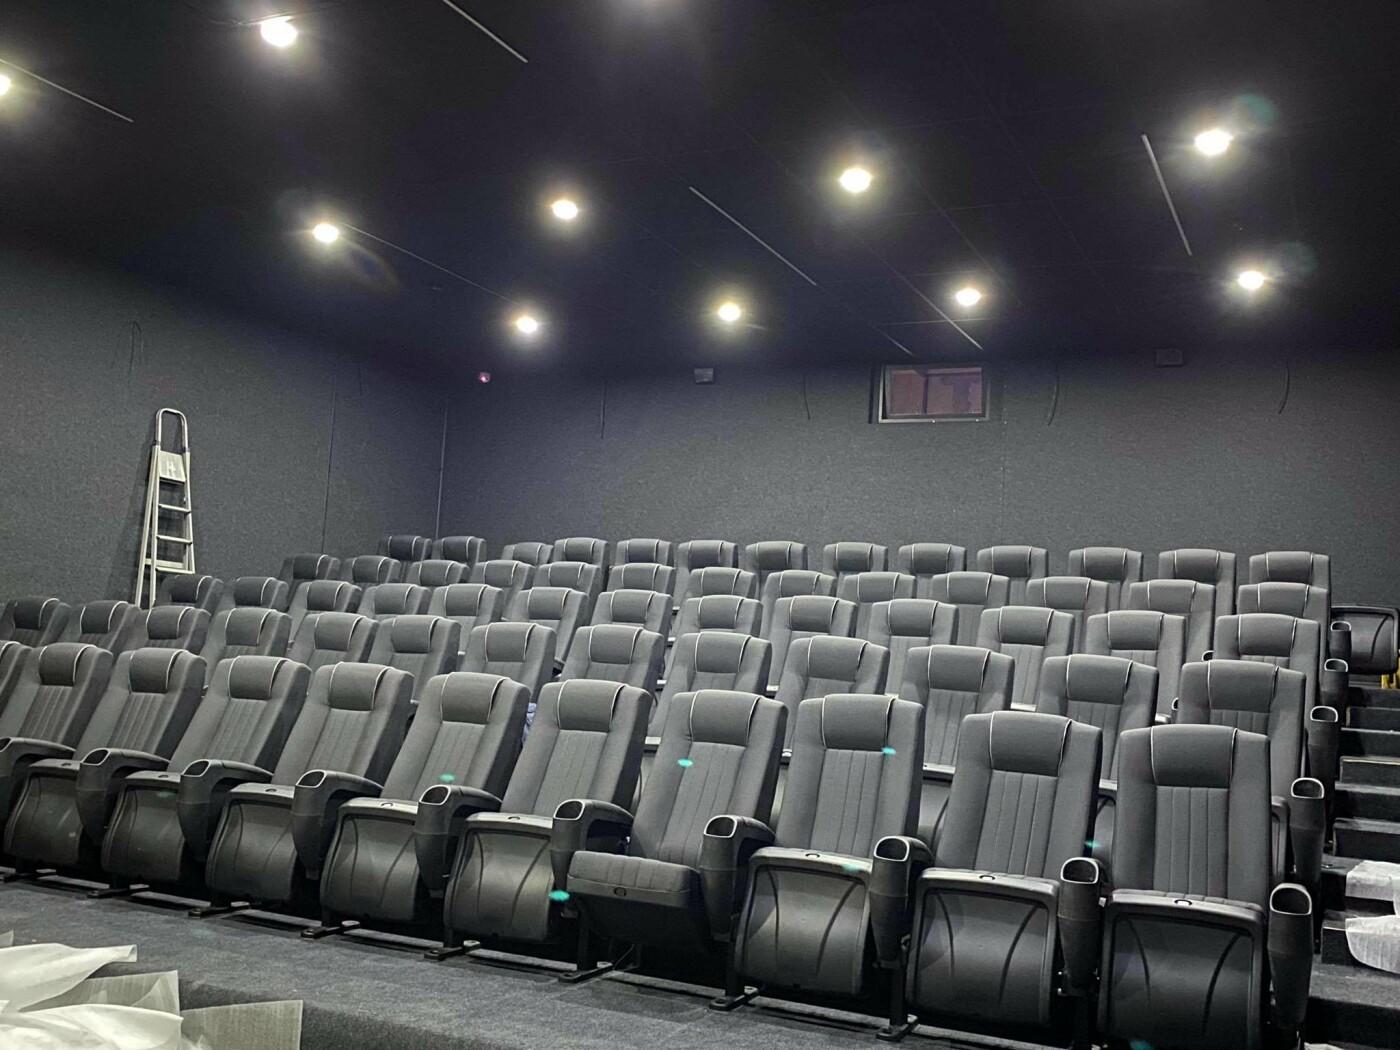 З 2 липня відновлять роботу кінотеатри, фото-1